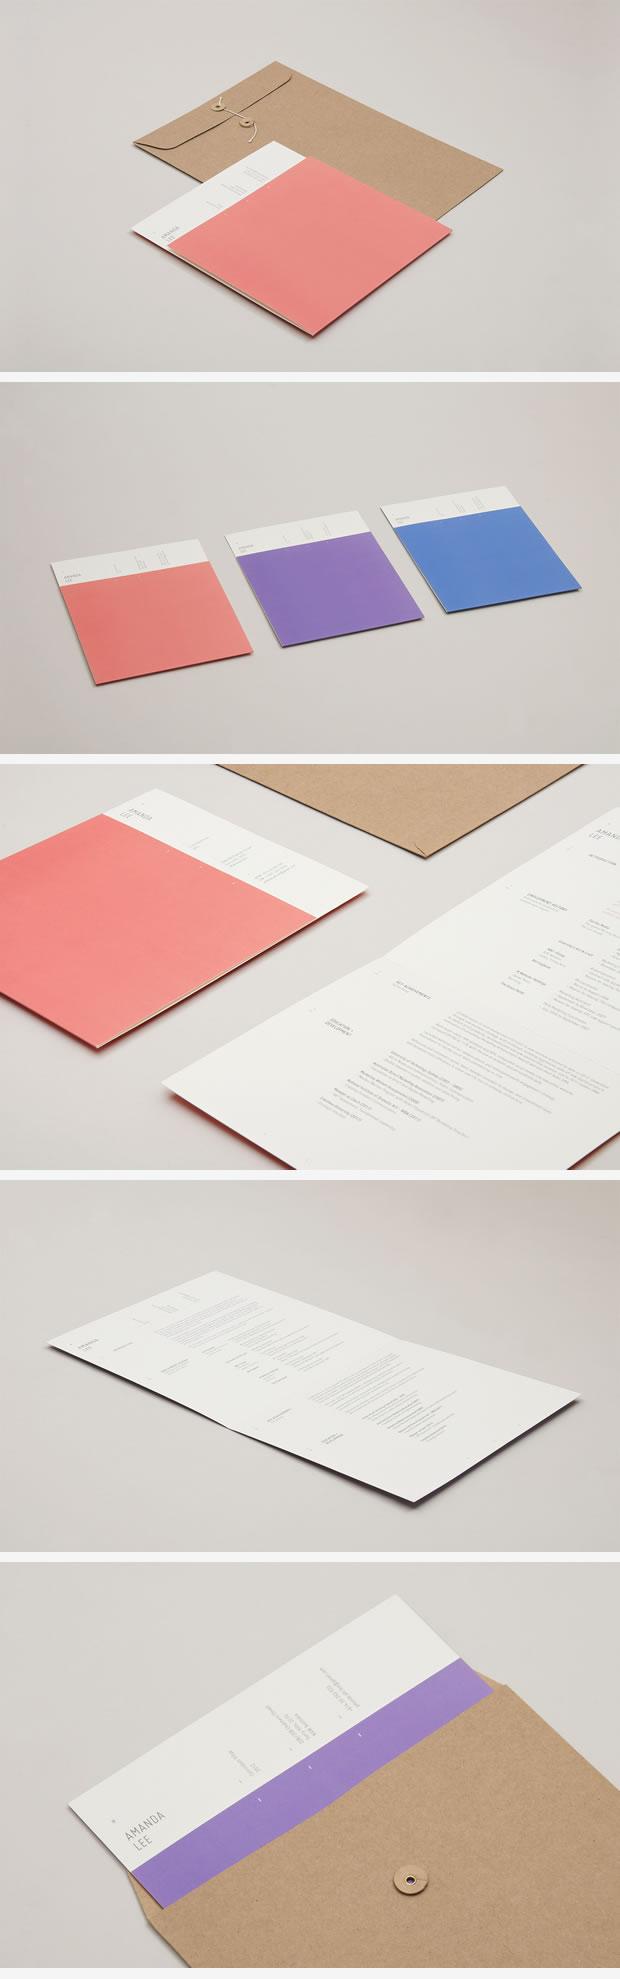 Sleek CV Design Folder